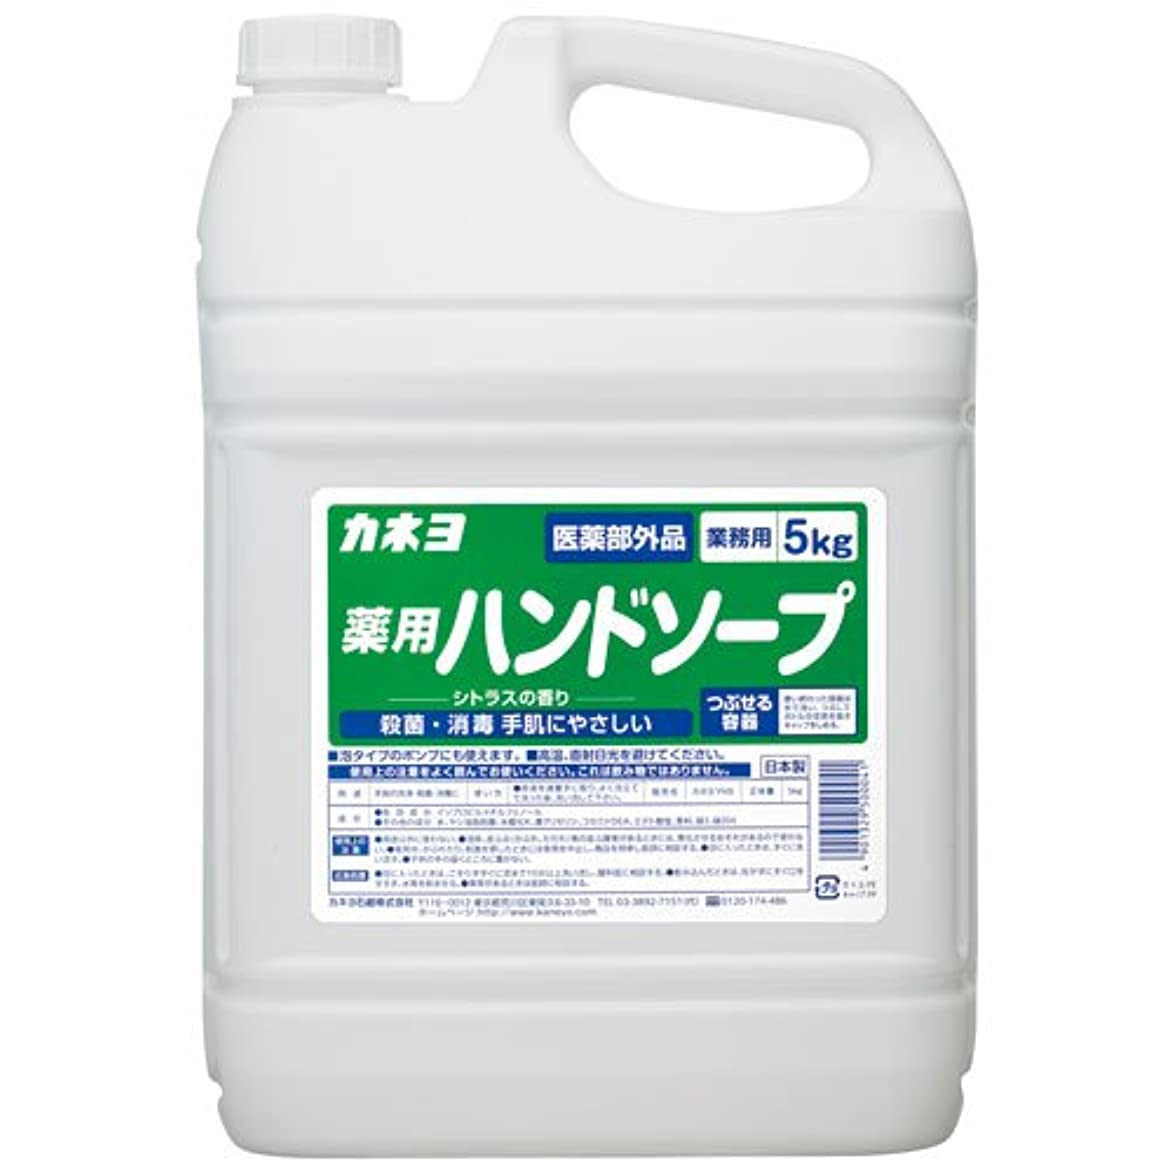 【ケース販売】業務用 カネヨ薬用ハンドソープ 5㎏×3本